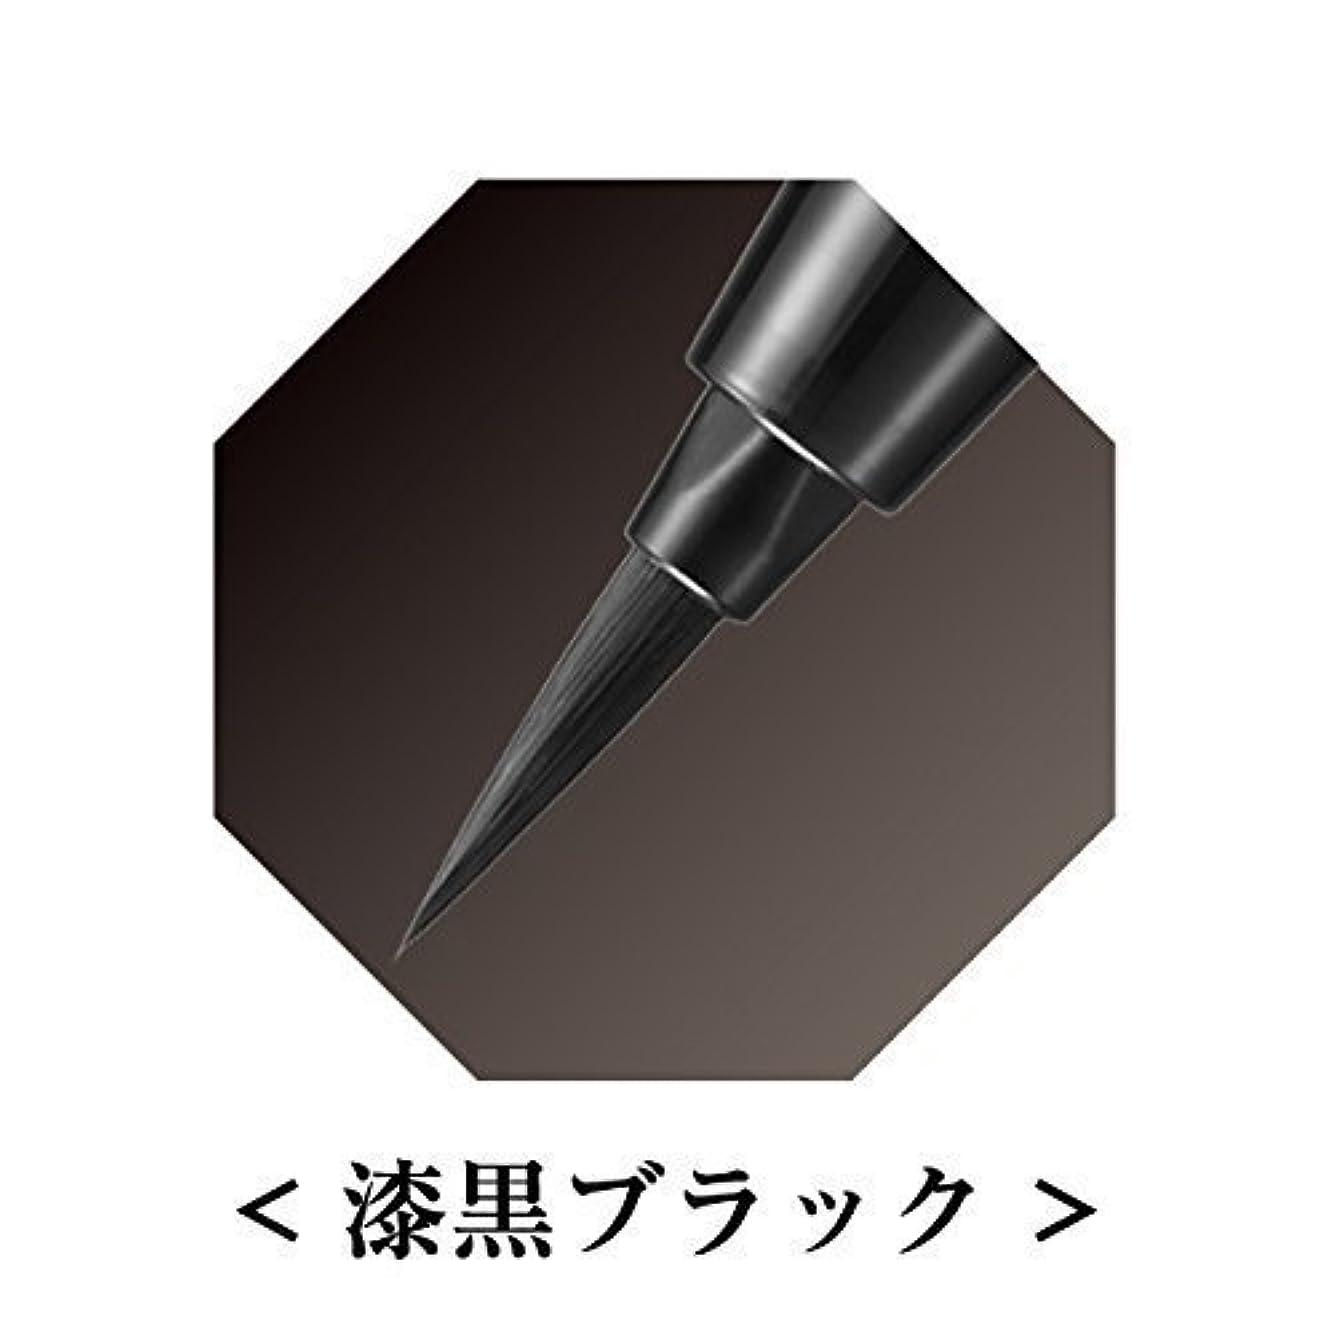 熱心な時制絶滅させるフローフシ モテライナー リキッド TAKUMI Bk-R(漆黒ブラック) リキッドアイライナー